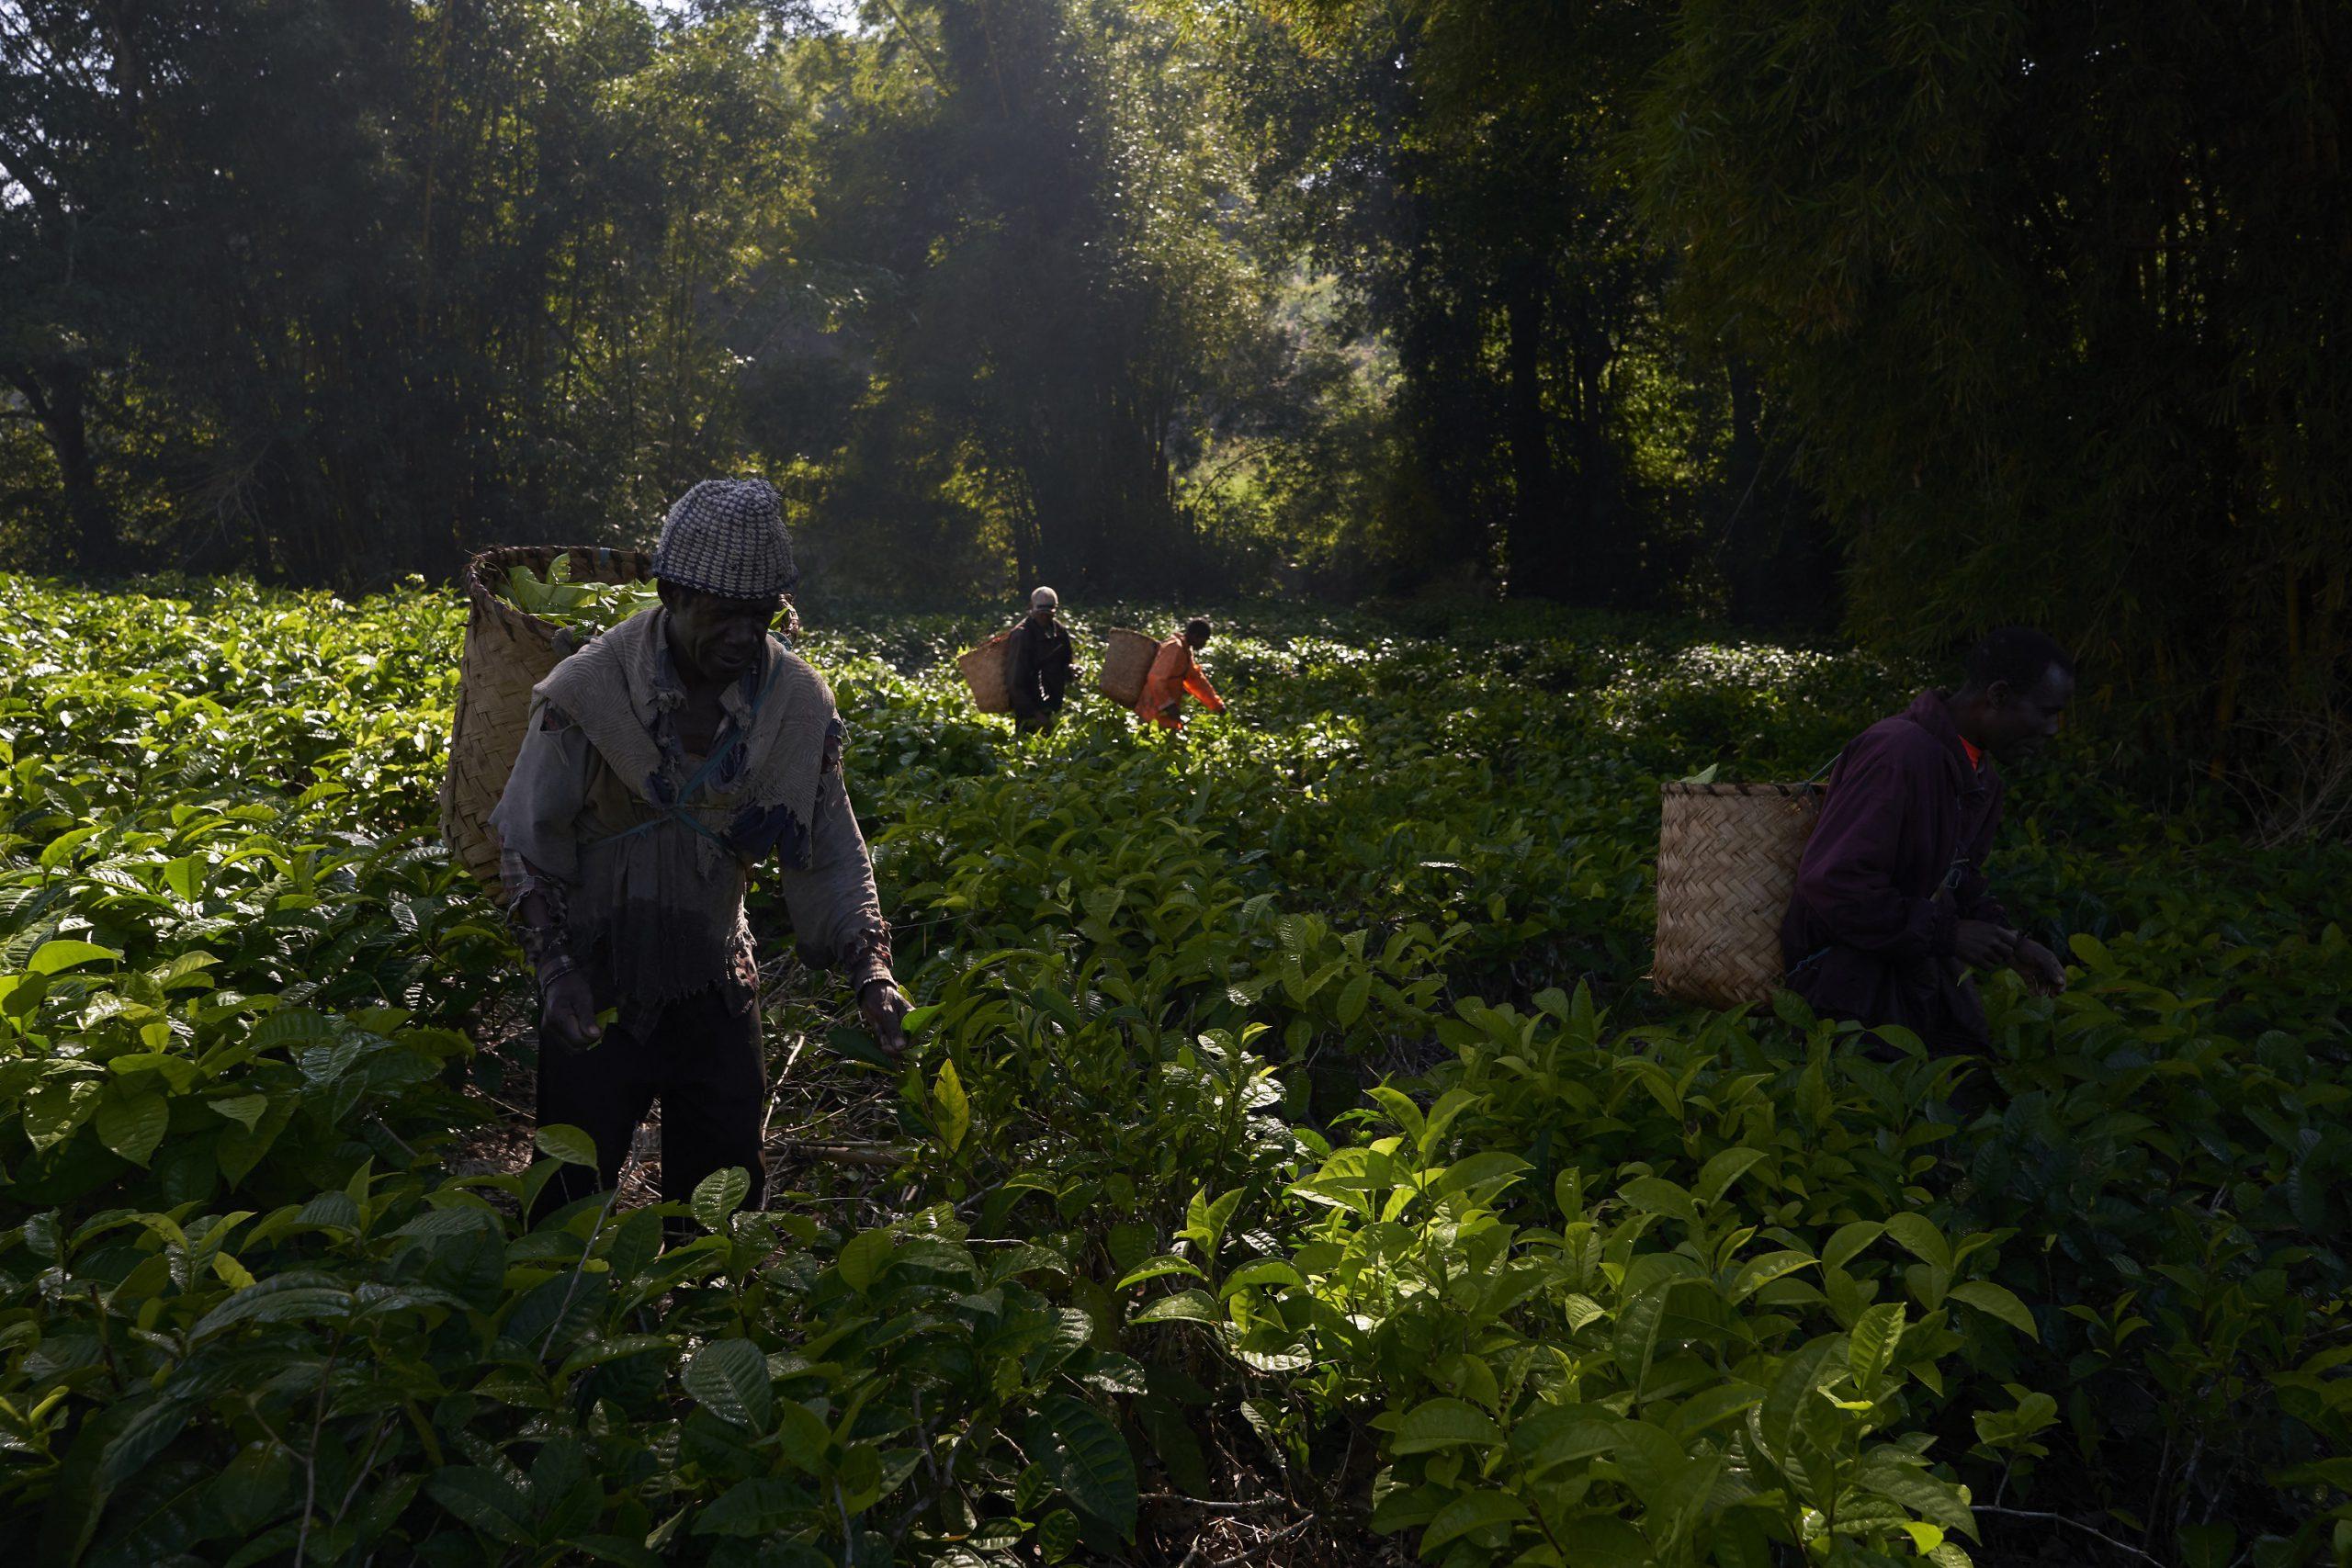 Promoção da Soberania Alimentar para as famílias Camponesas em Moçambique através de resgate, multiplicação e distribuição  de sementes locais